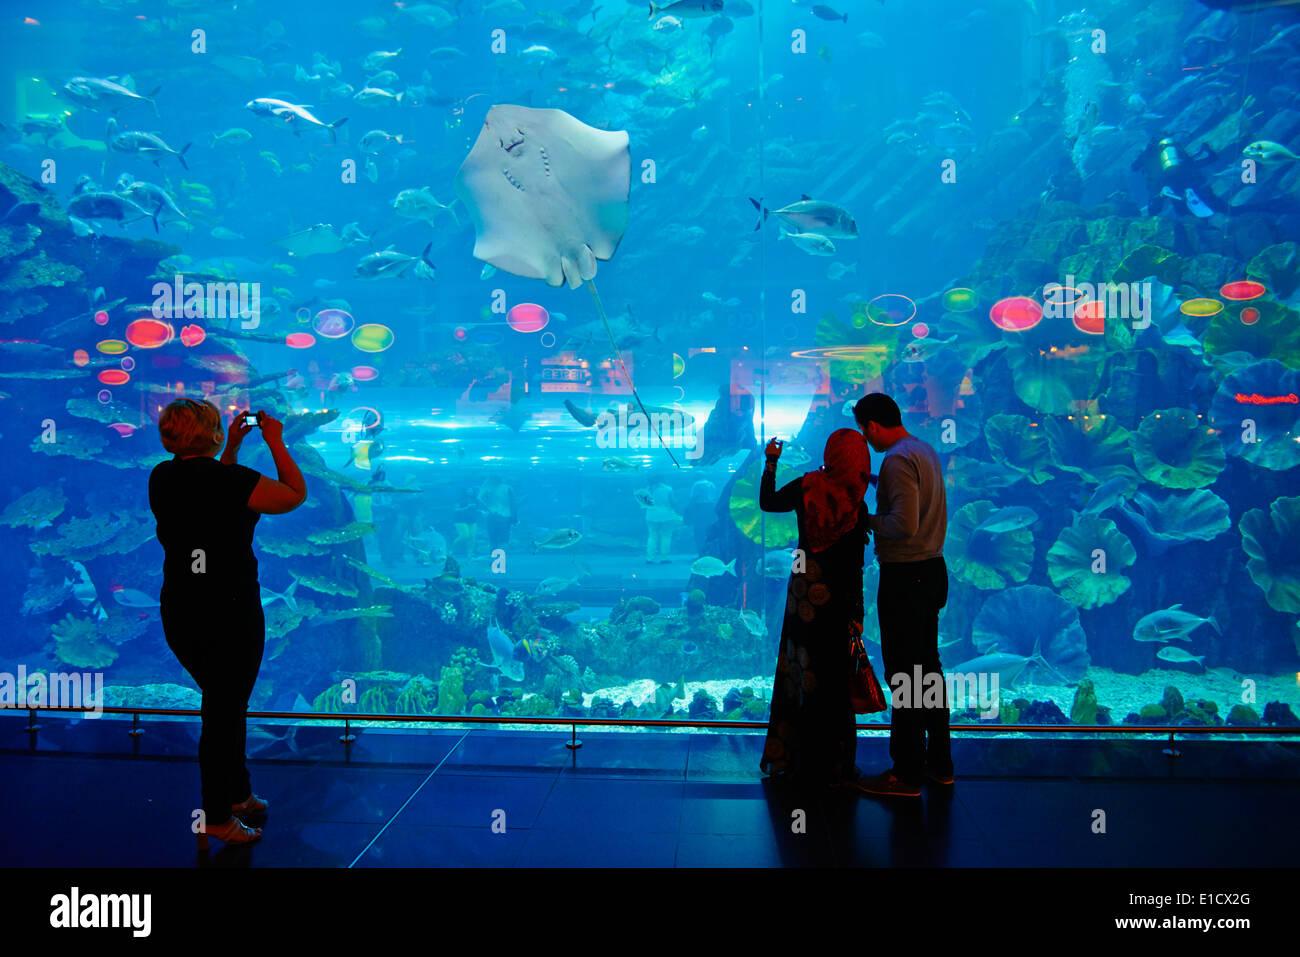 United Arab Emirates, Dubai, Mall of the Emirates commercial center, Aquarium - Stock Image